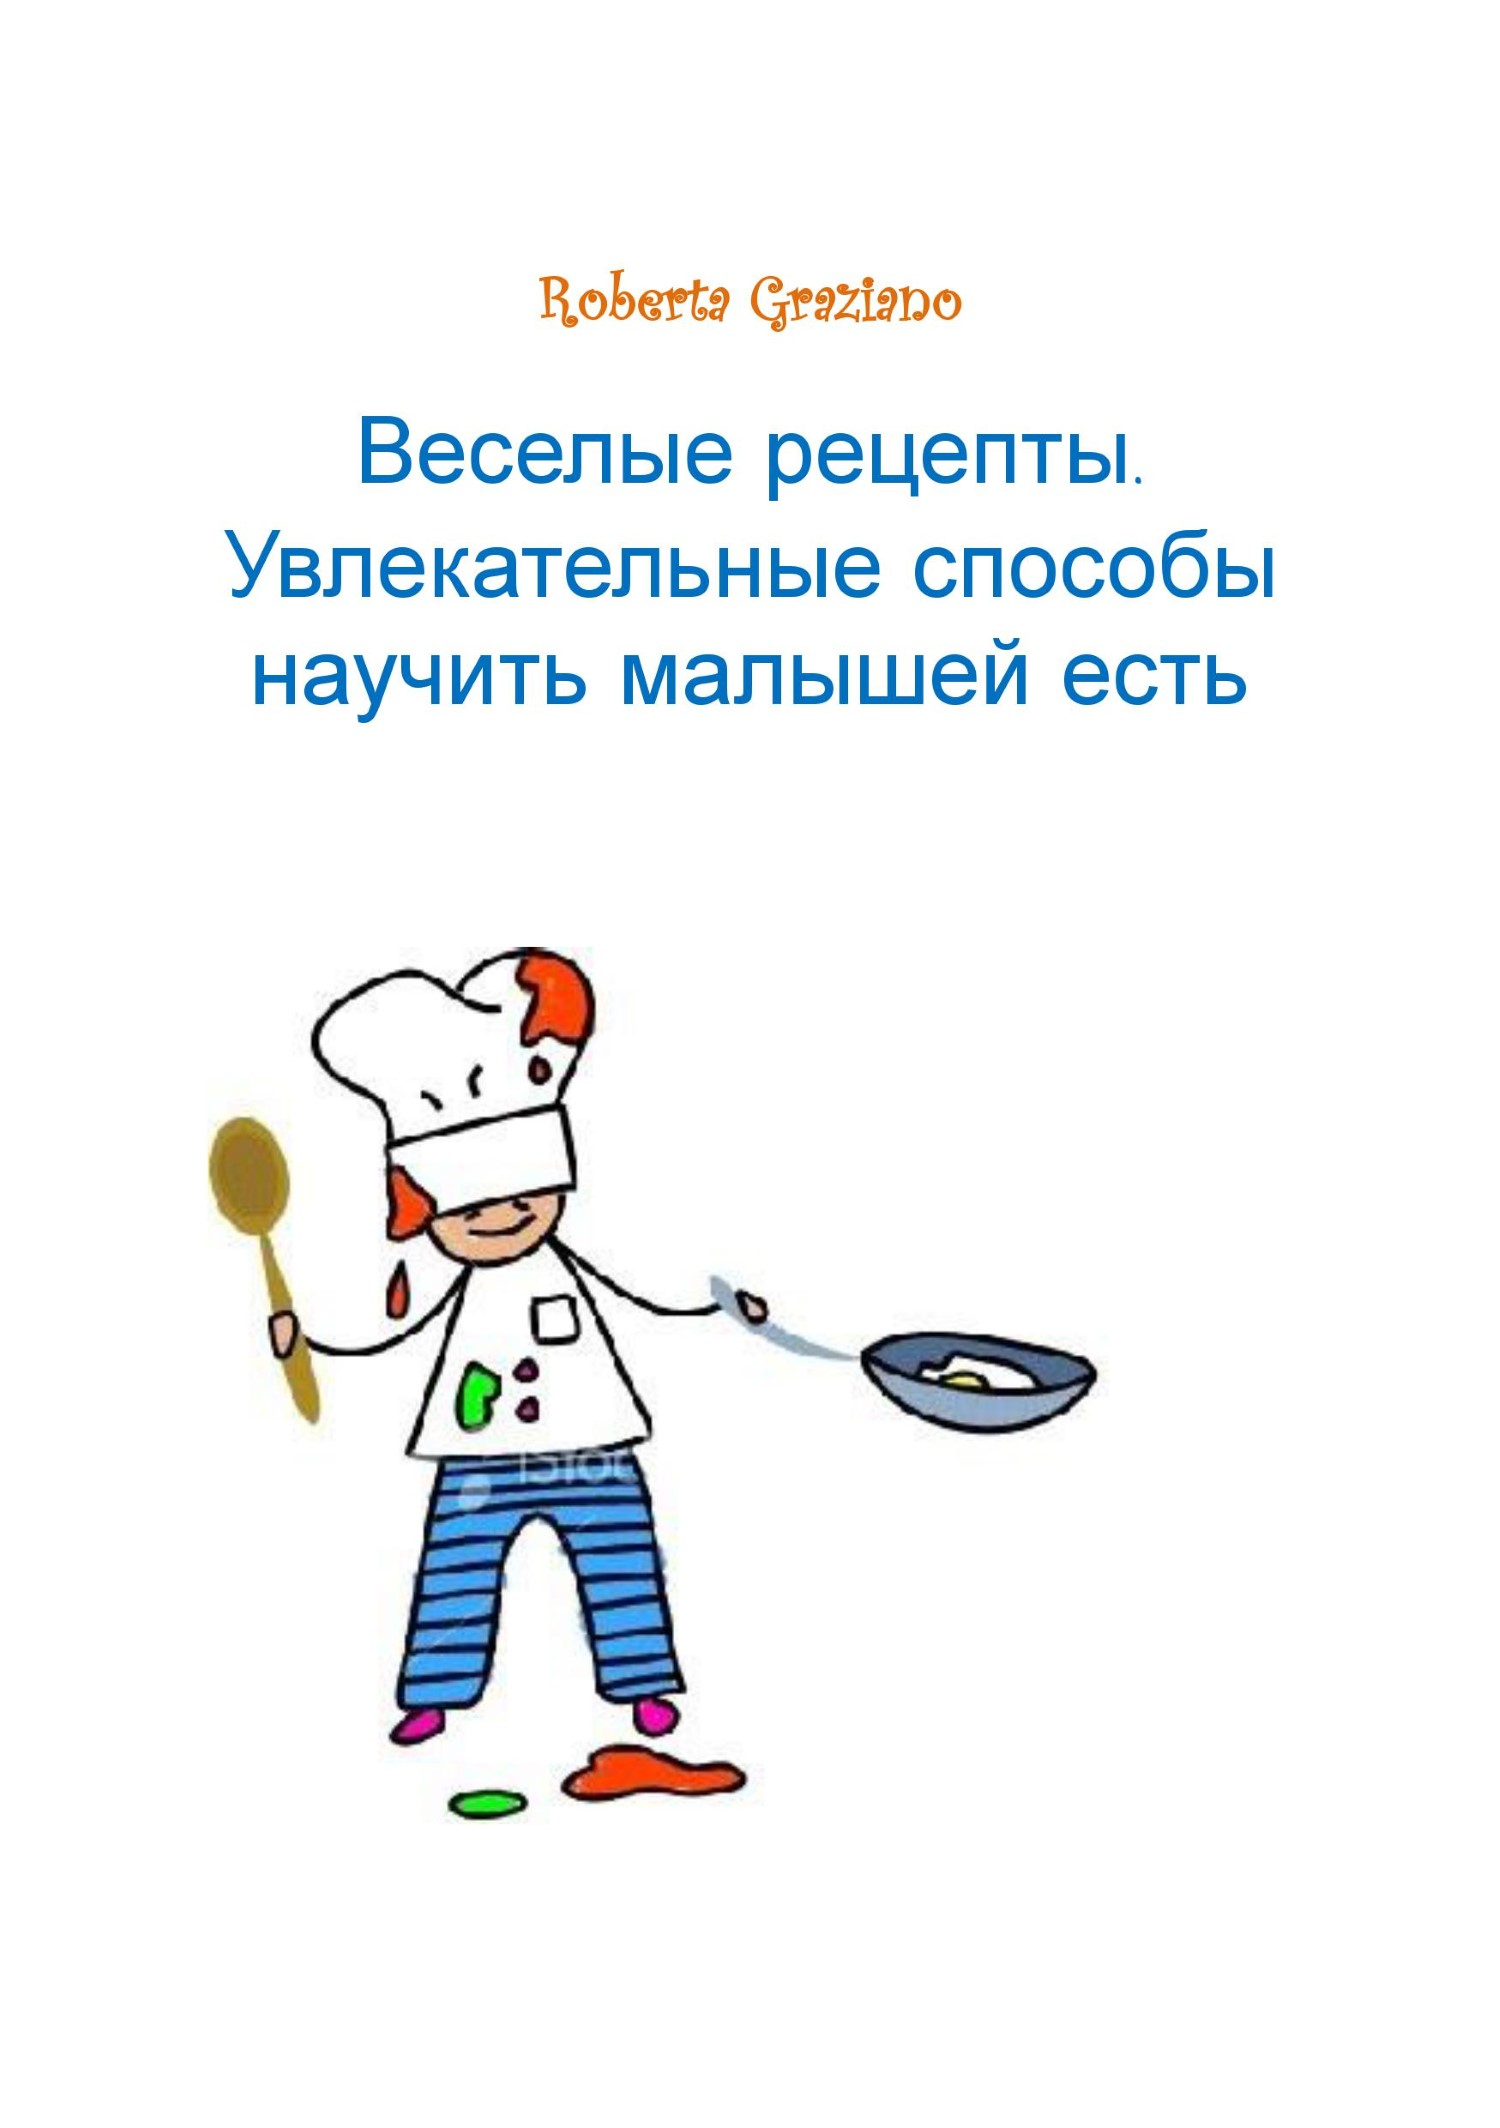 Веселые рецепты. Увлекательные способы научить малышей есть